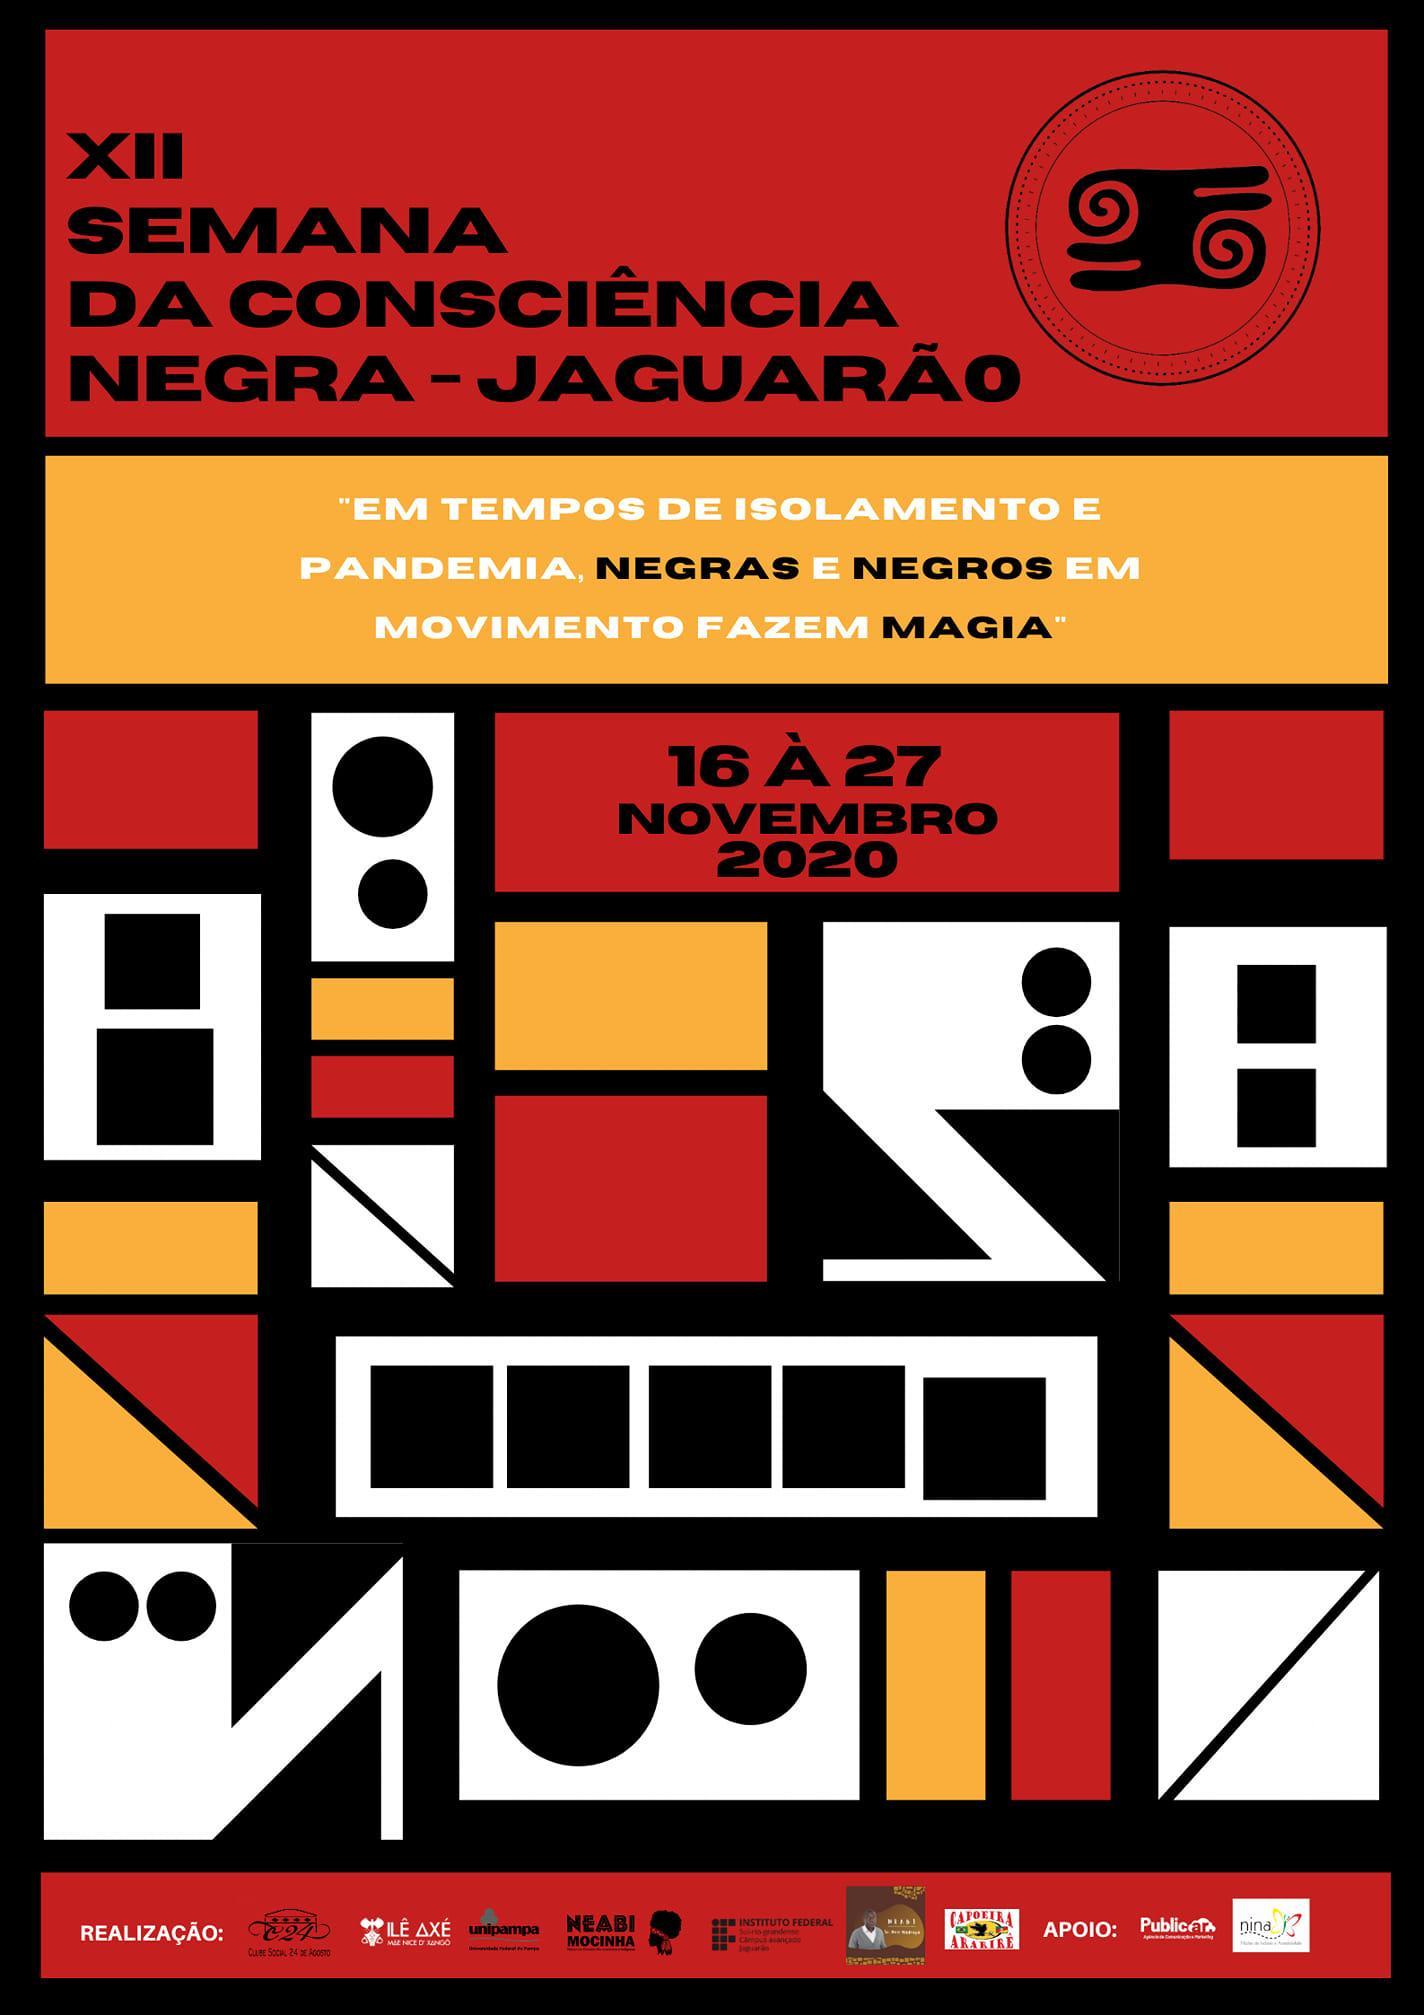 Card nas cores preto, vermelho, branco e amarelo com desenhos geométricos. Nome do evento no alto e outras informações abaixo